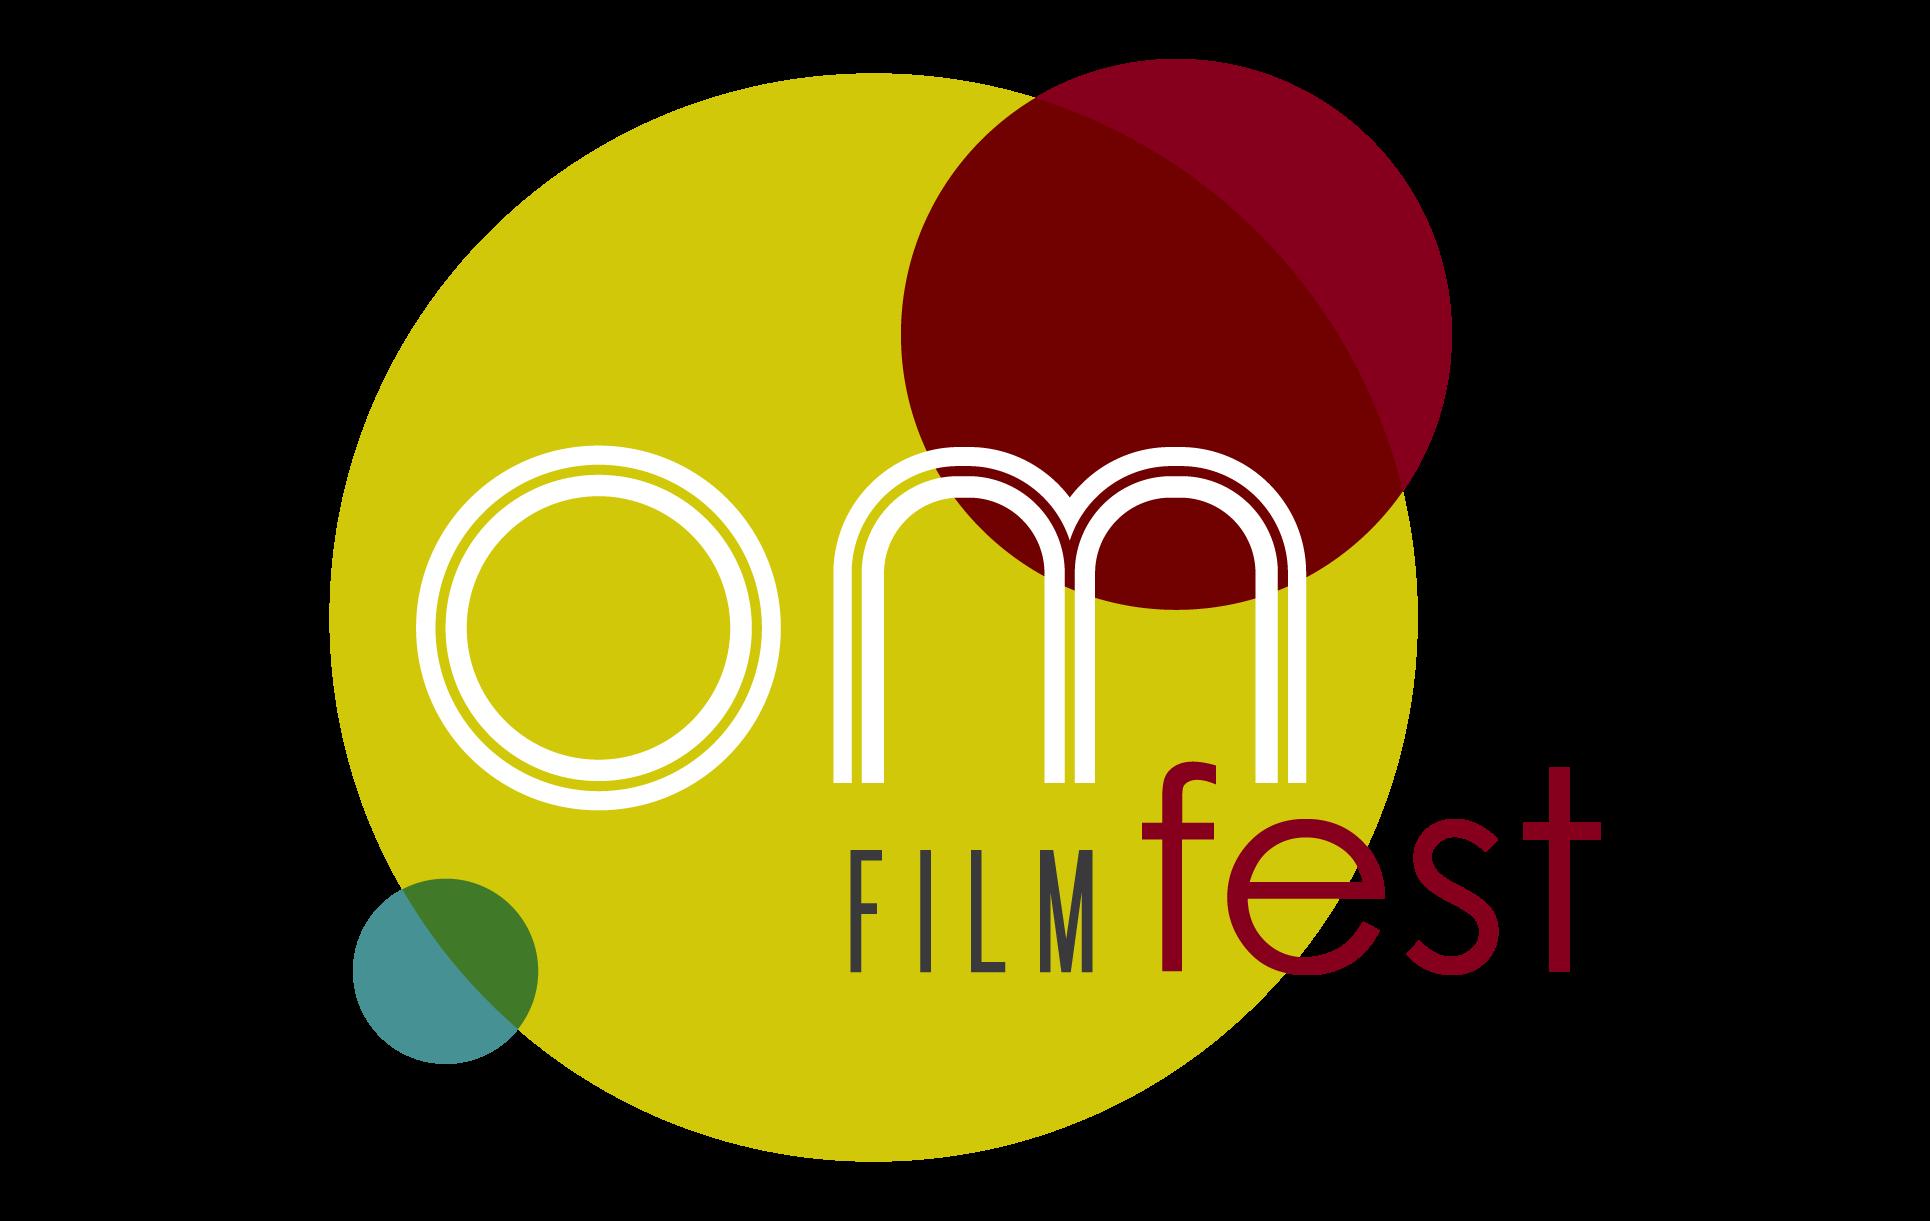 Logo for the OM Film Fest TM